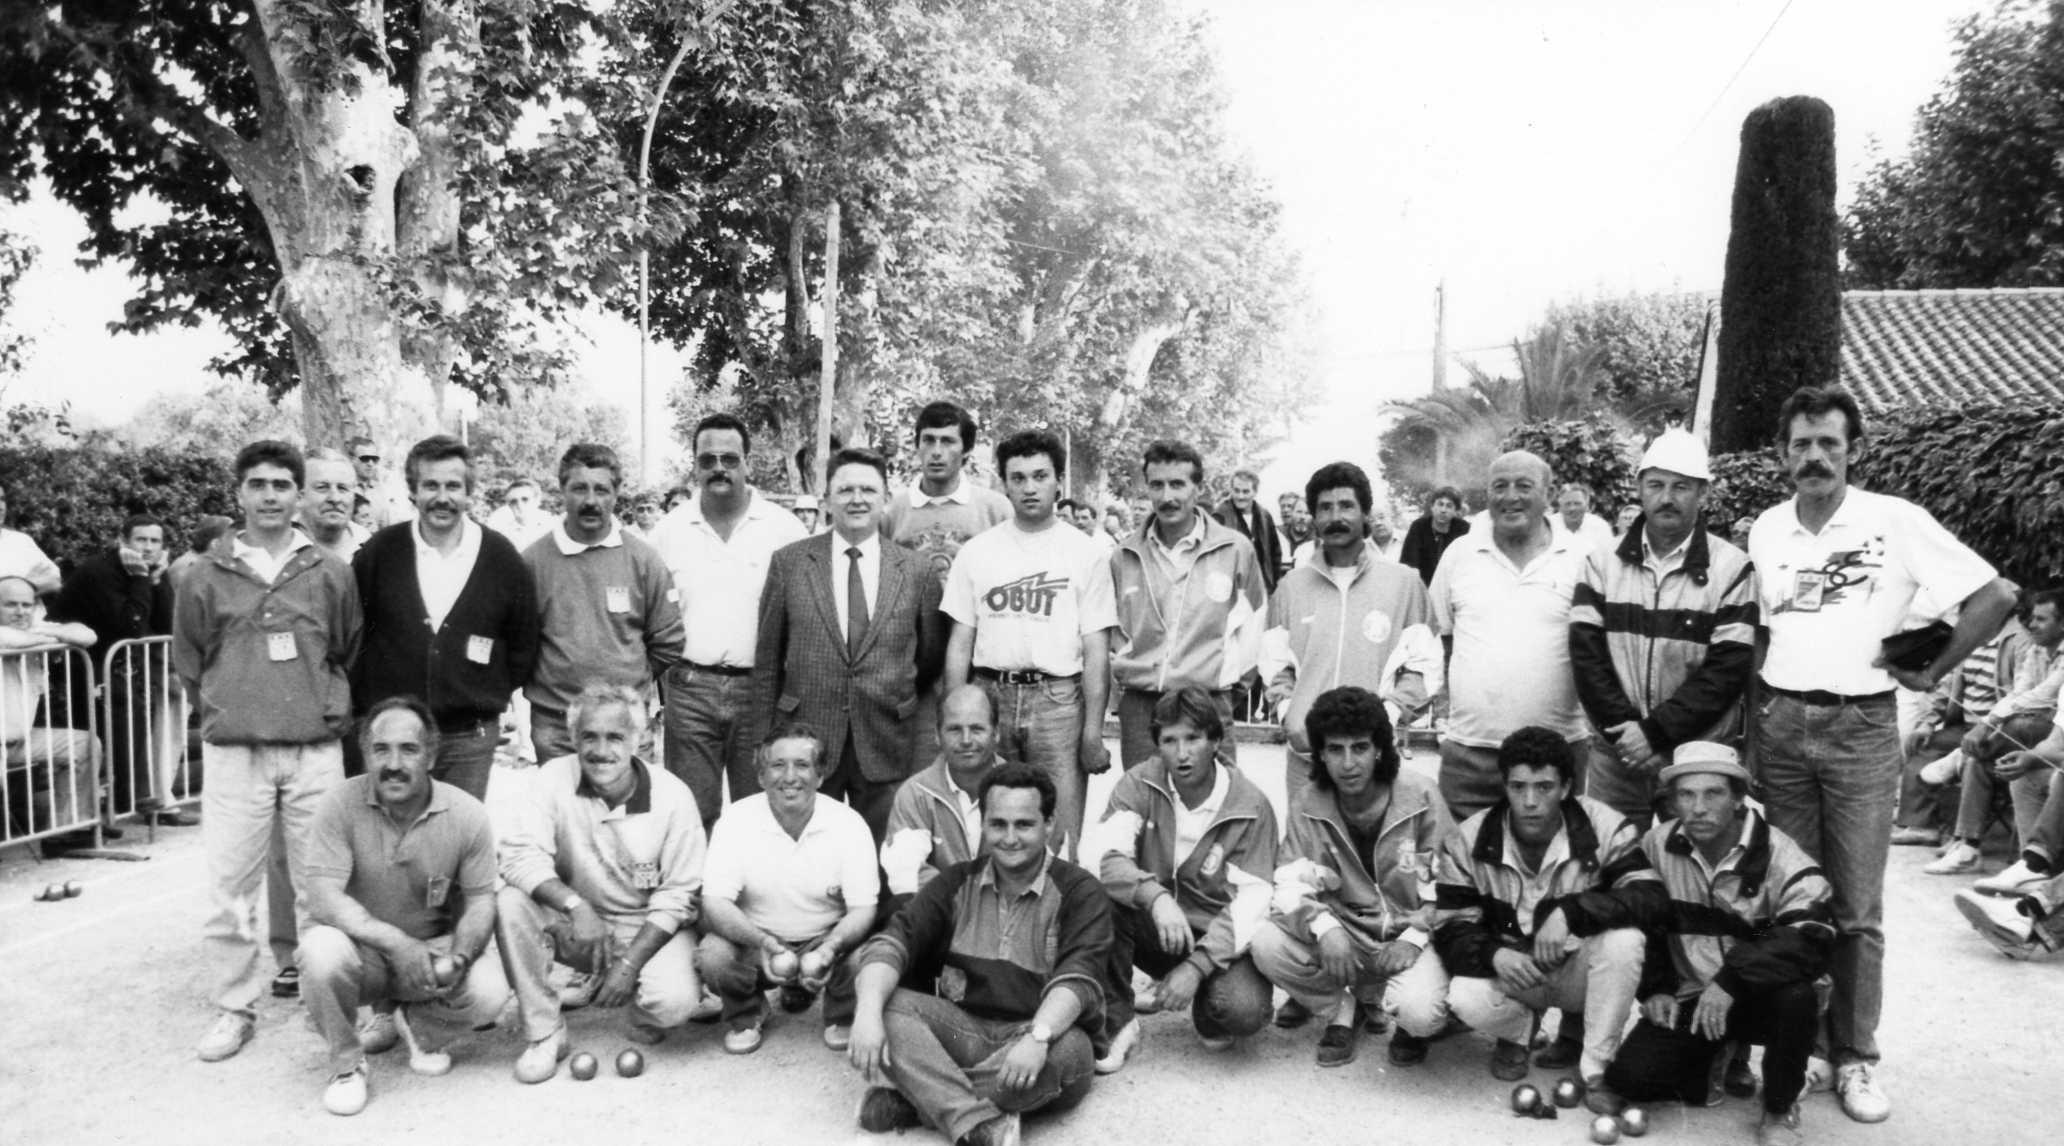 1990 ST LAURENT DU VAR tous les qualifiés triplettes pour le CDF à BRIVE